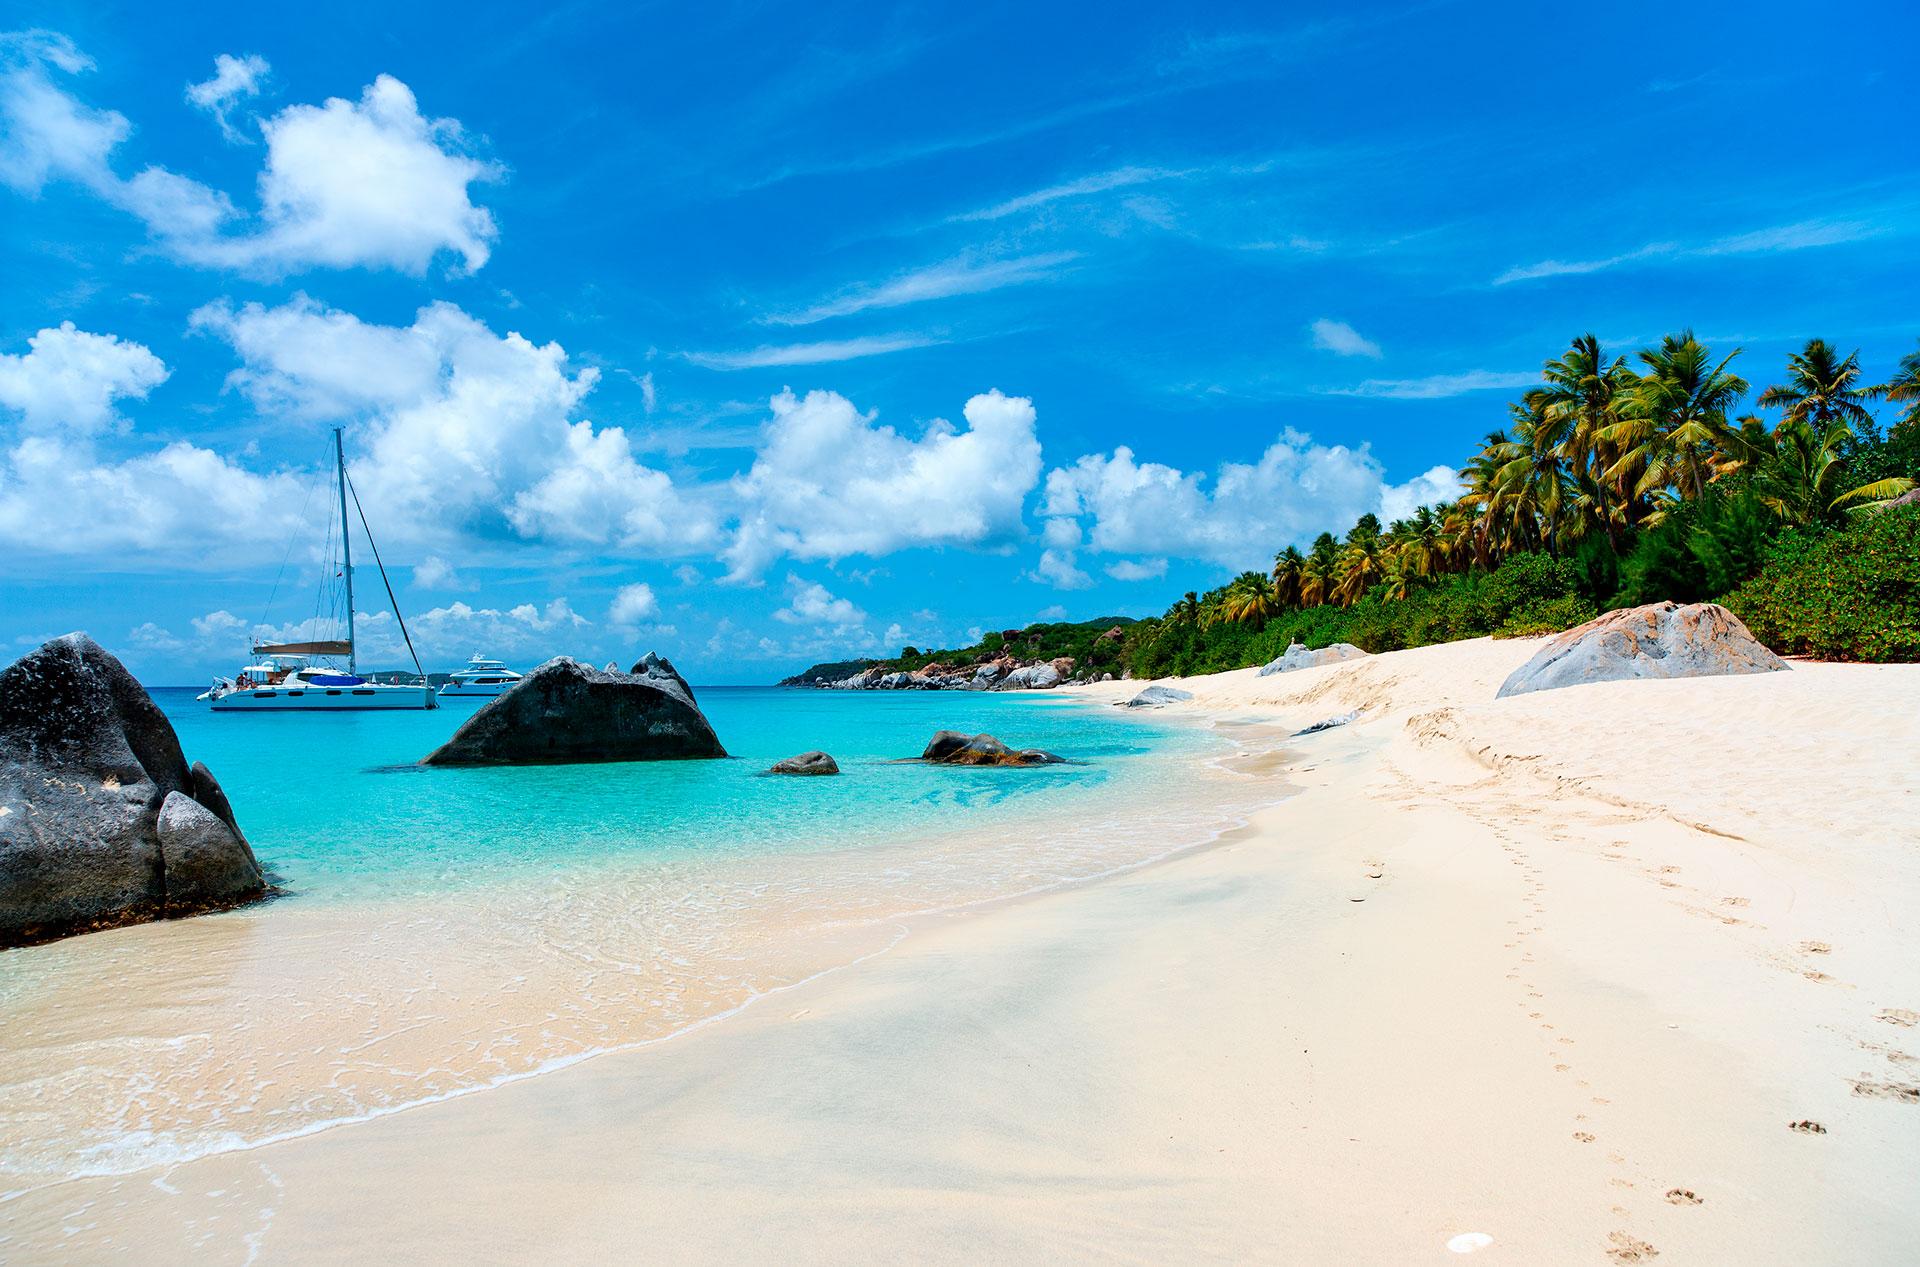 Virgen Gorda es la tercera más grande de las Islas Vírgenes Británicas, con una belleza natural que cubre prácticamente la totalidad de sus 8.5 millas cuadradas. La isla ofrece tranquilas playas, calas y parques nacionales llenos de flora. Quizás la atracción más bonita y popular son los Baños, una zona costera donde enormes rocas de granito forman pintorescas grutas y piscinas de agua salada